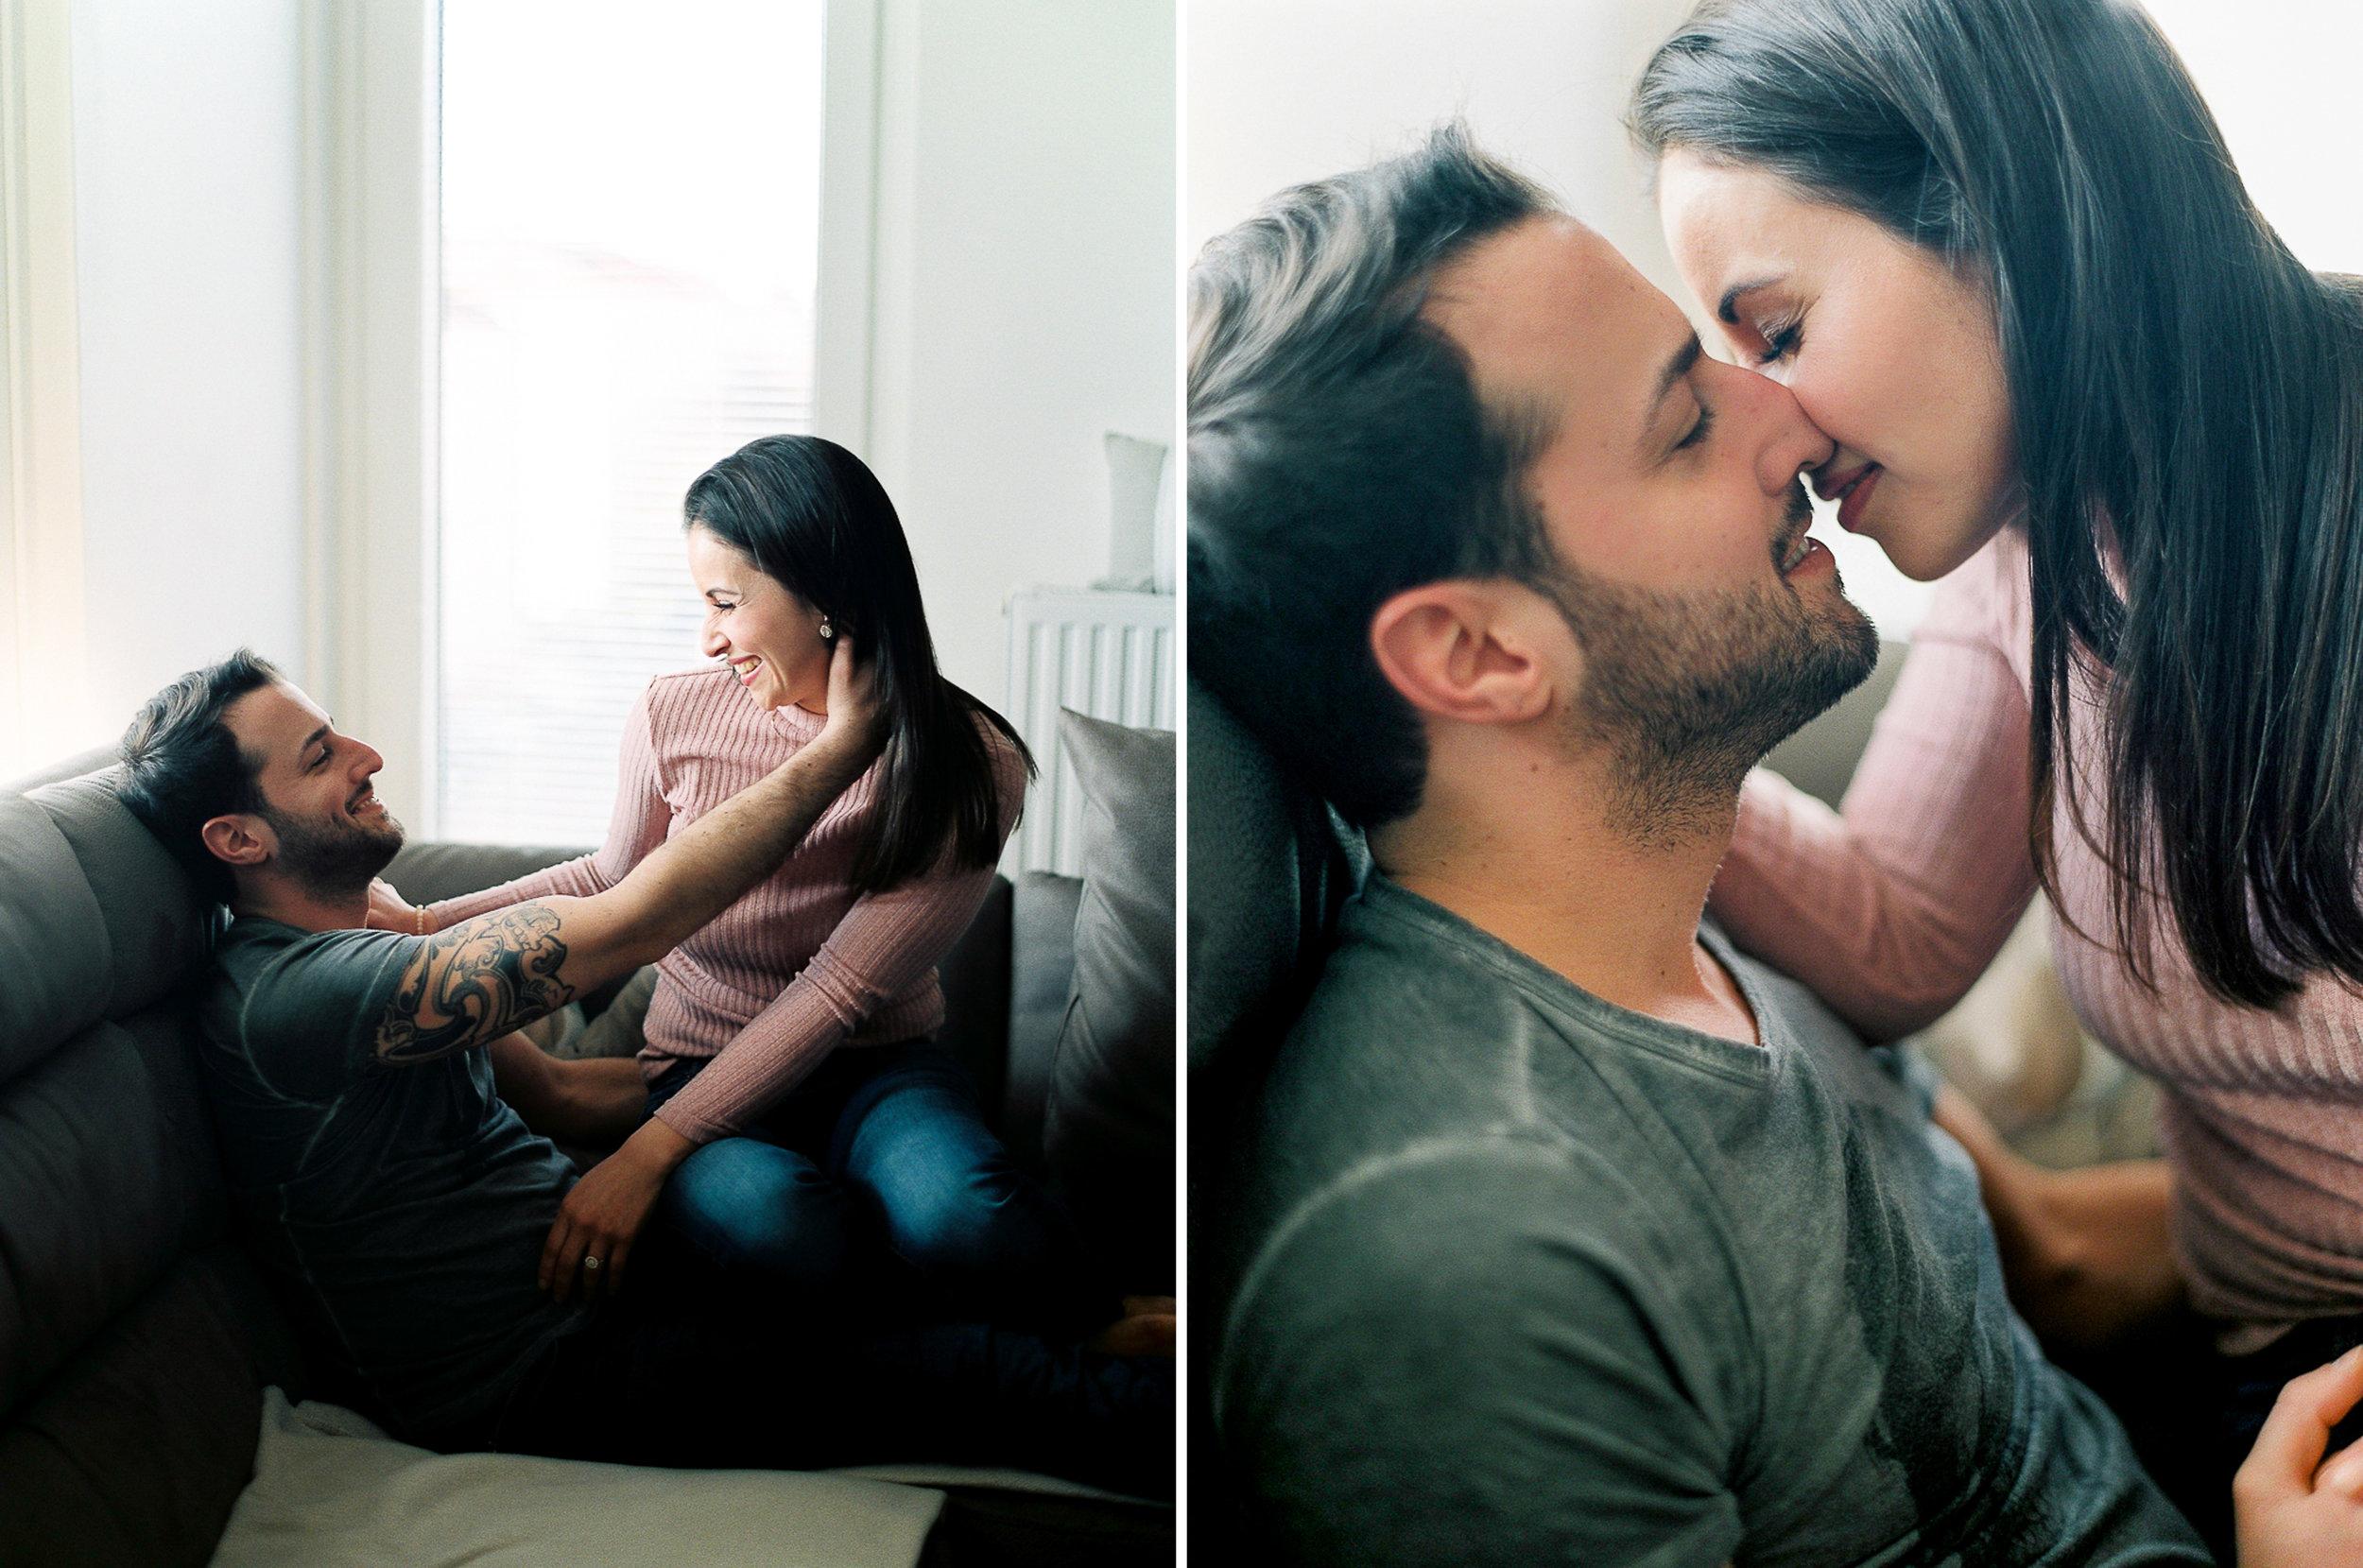 Homestory-Paarshooting-engagement-session-Theresa-Pewal-on-film-4.jpg